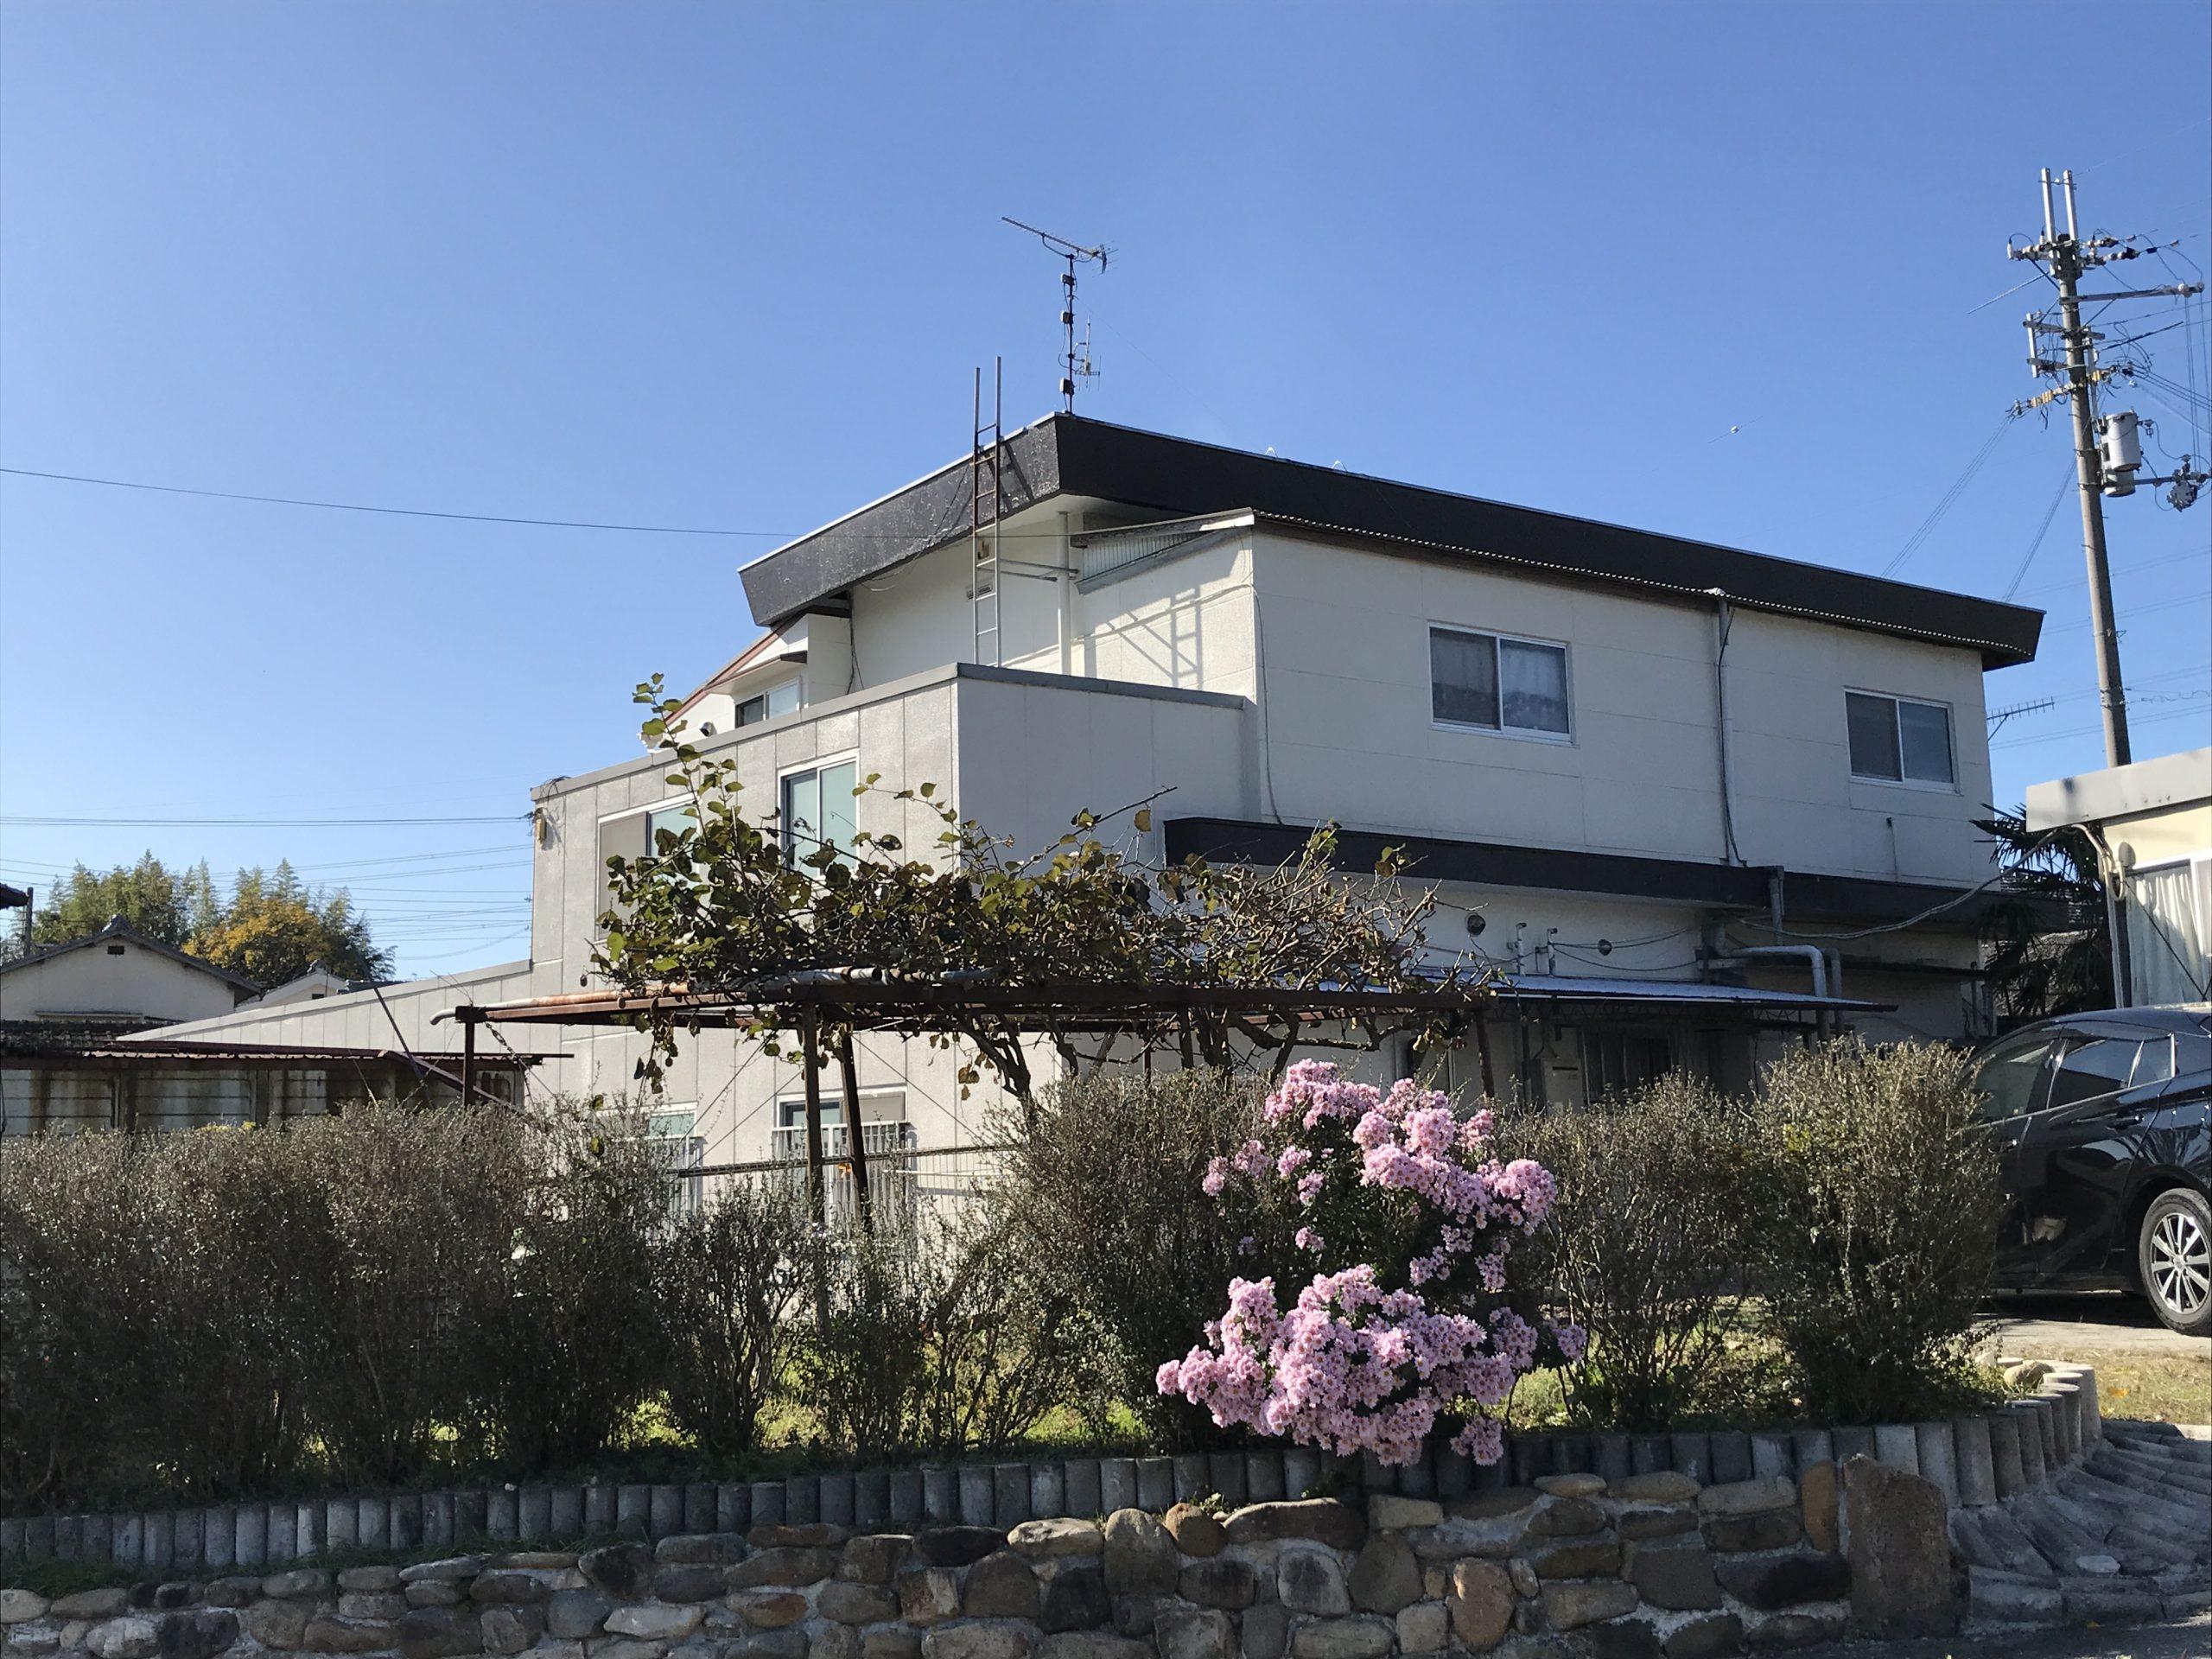 RC造 築40年 陸屋根(電話問い合わせ) この度は診断依頼をいただきありがとうございました。HP掲載にもご理解を賜り感謝いたします。 定期的にメンテナンスを実施しているとの事でした。屋根、壁の防水性能も良好、床下シロア […]